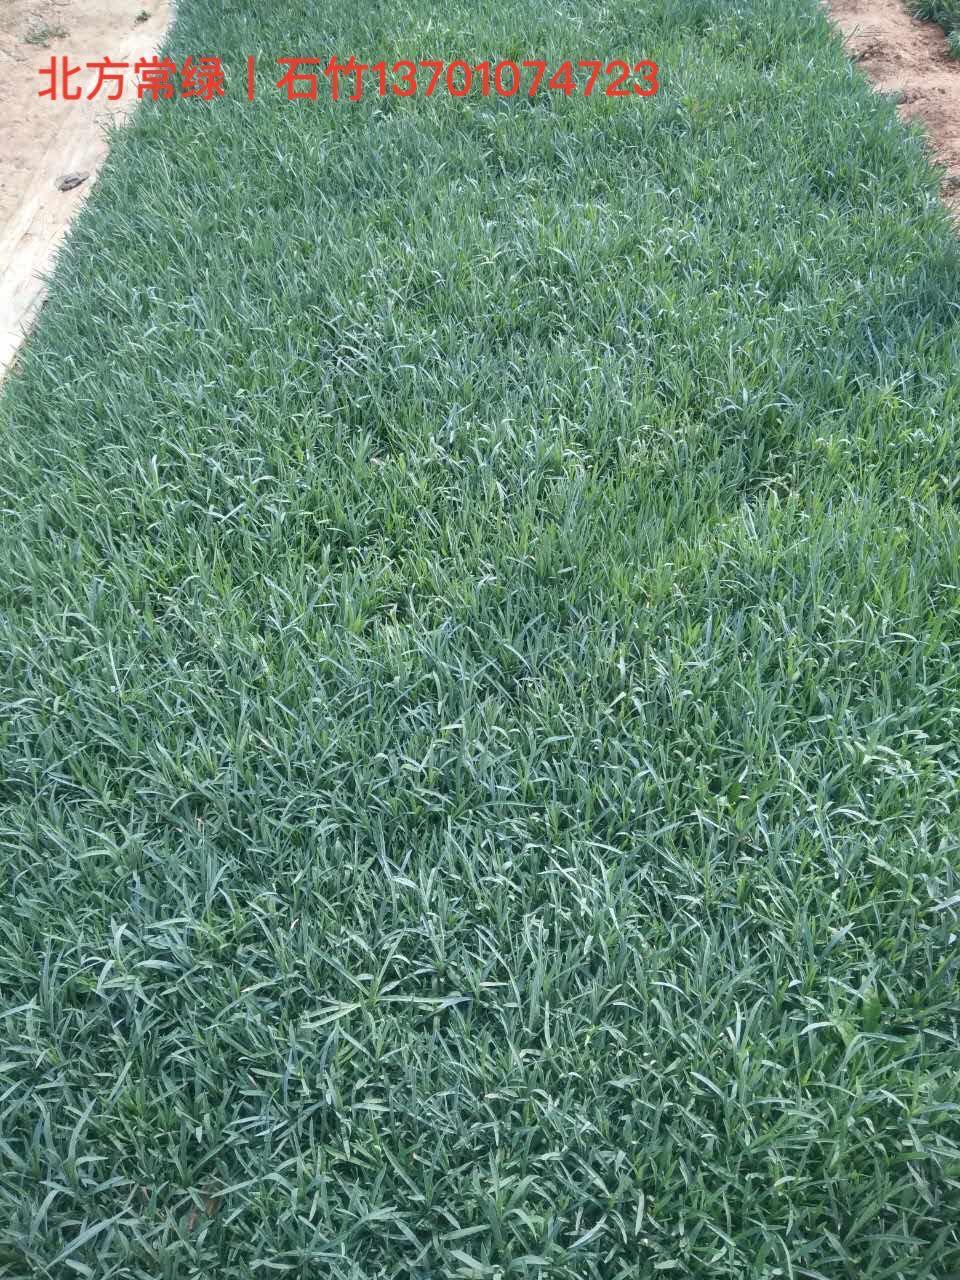 石竹厂家营养杯苗货源充足